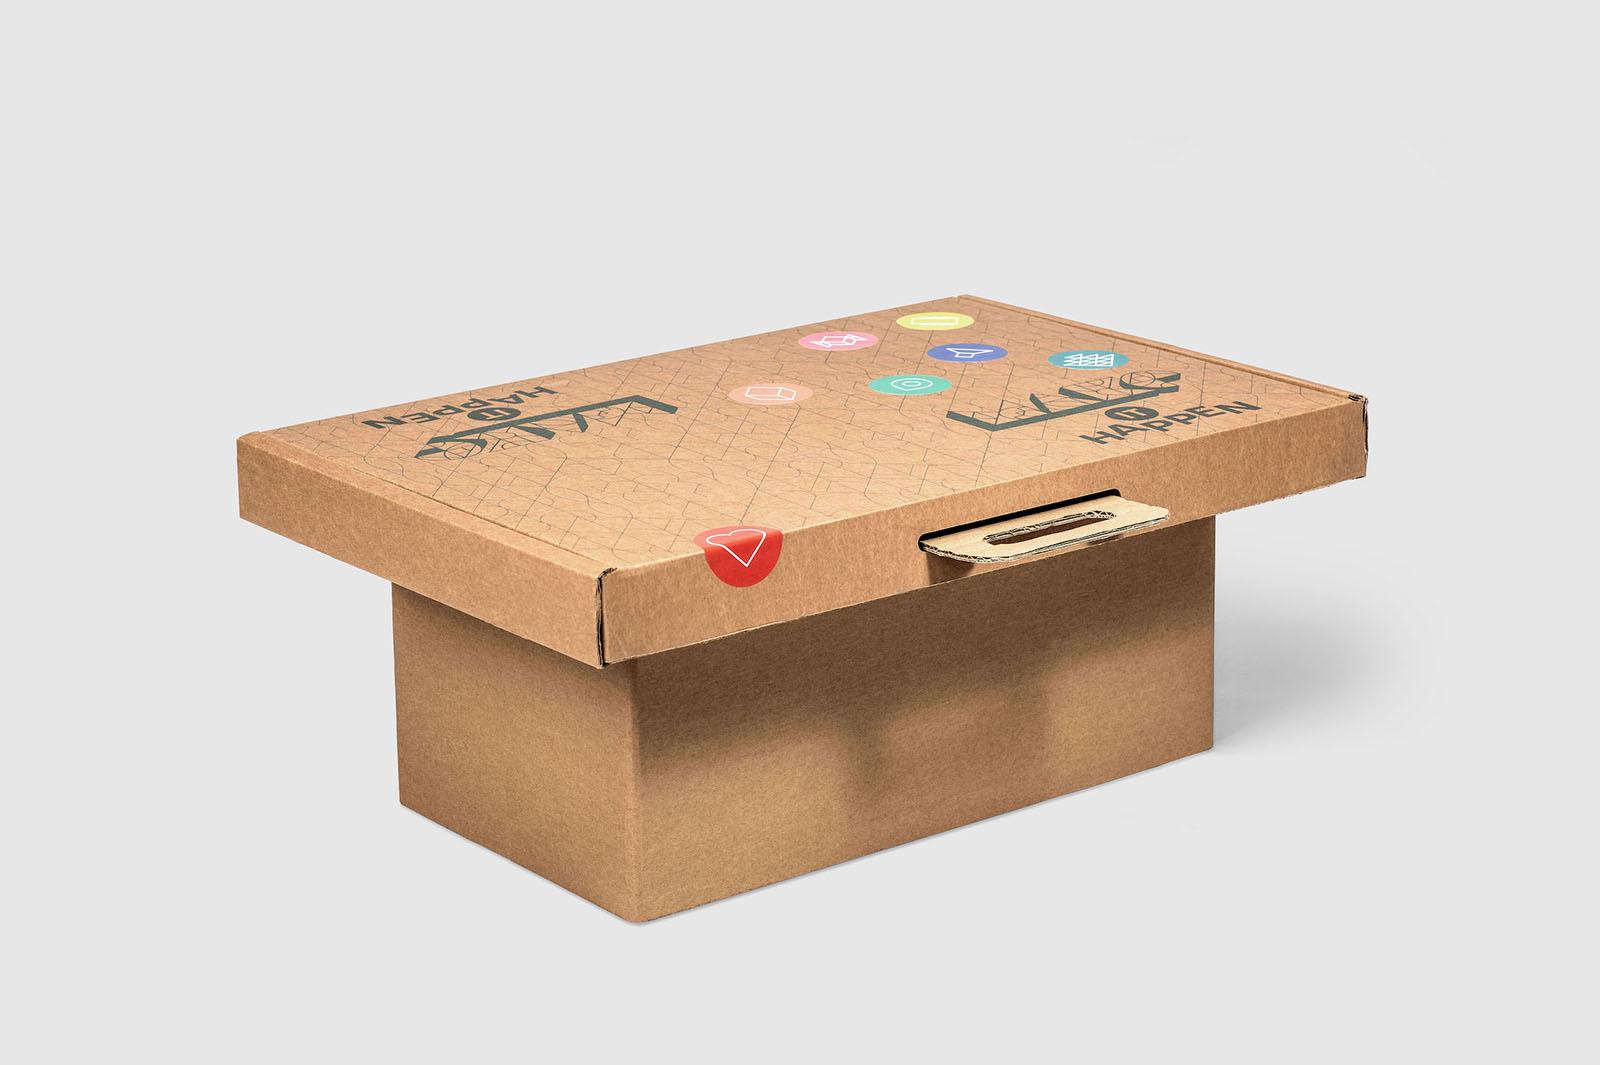 FOM_MakeItHappen_Boxes-21R-1600px